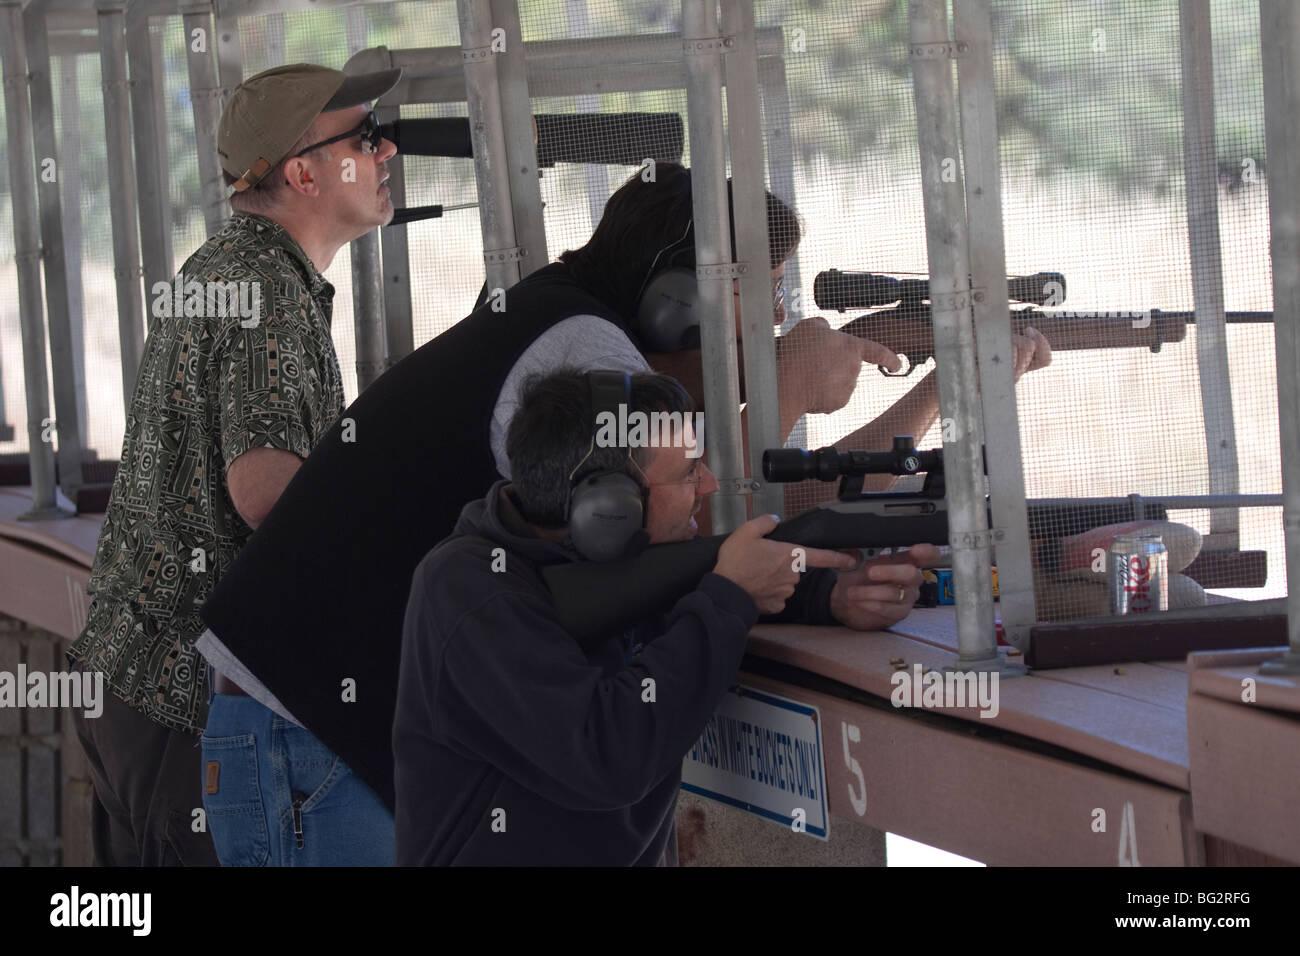 Trois hommes tir Ruger 10/22 rifles utilisation d'étendues au Los Altos Club de chasse et de tir en plein Photo Stock